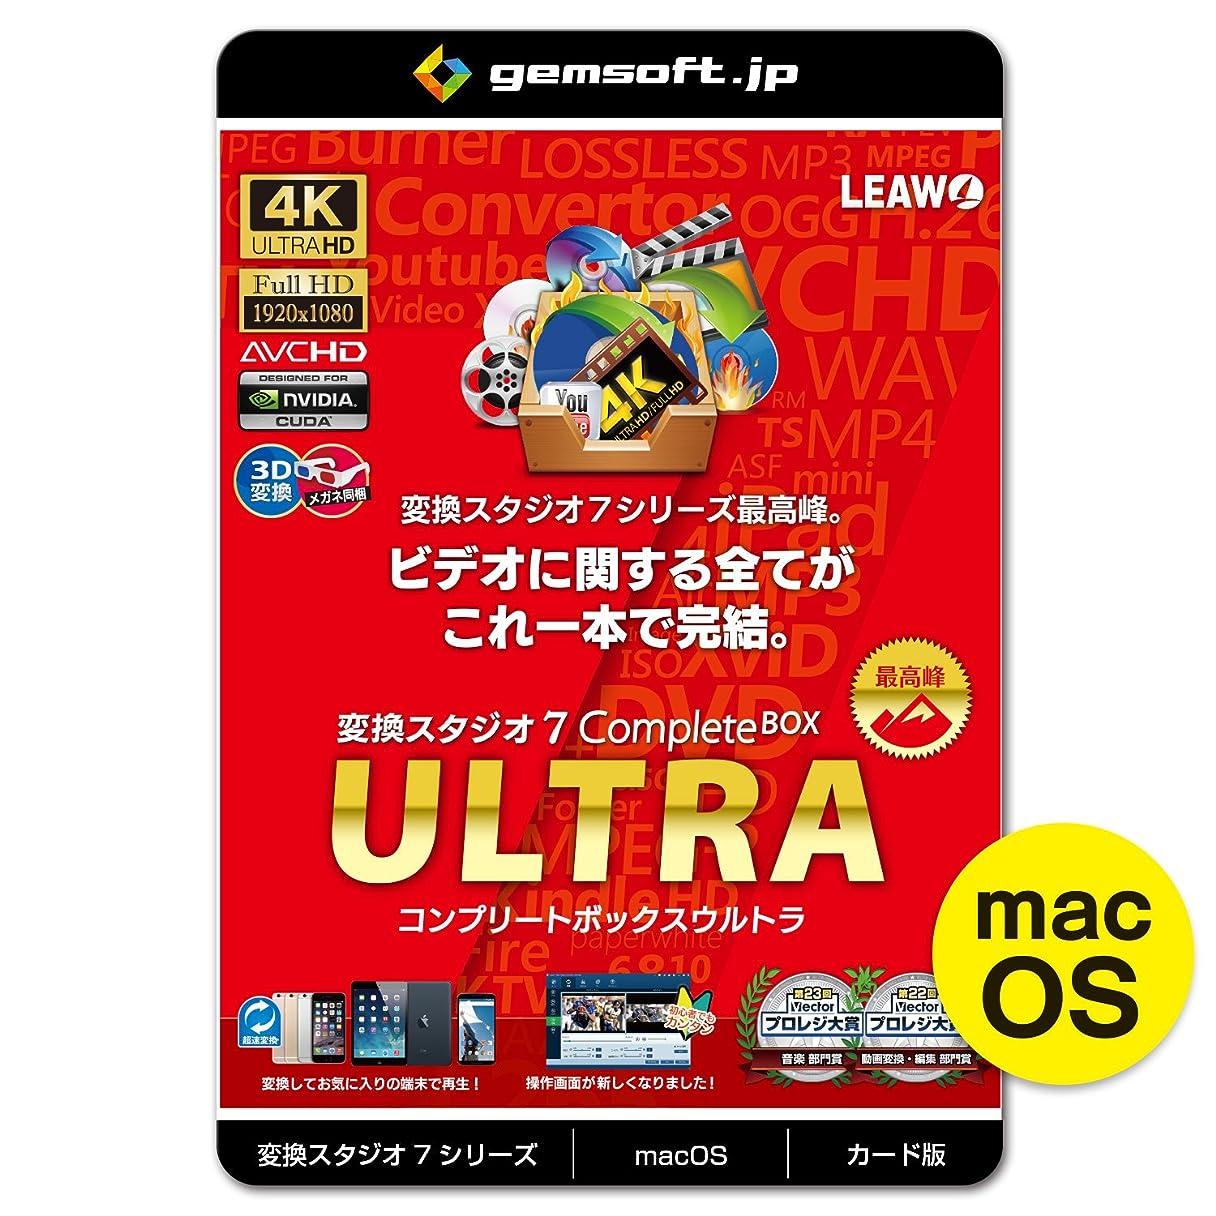 妻ダイジェスト逃れる変換スタジオ7 CompleteBOX ULTRA Mac版 | 変換スタジオ7シリーズ | カード版 | Mac対応